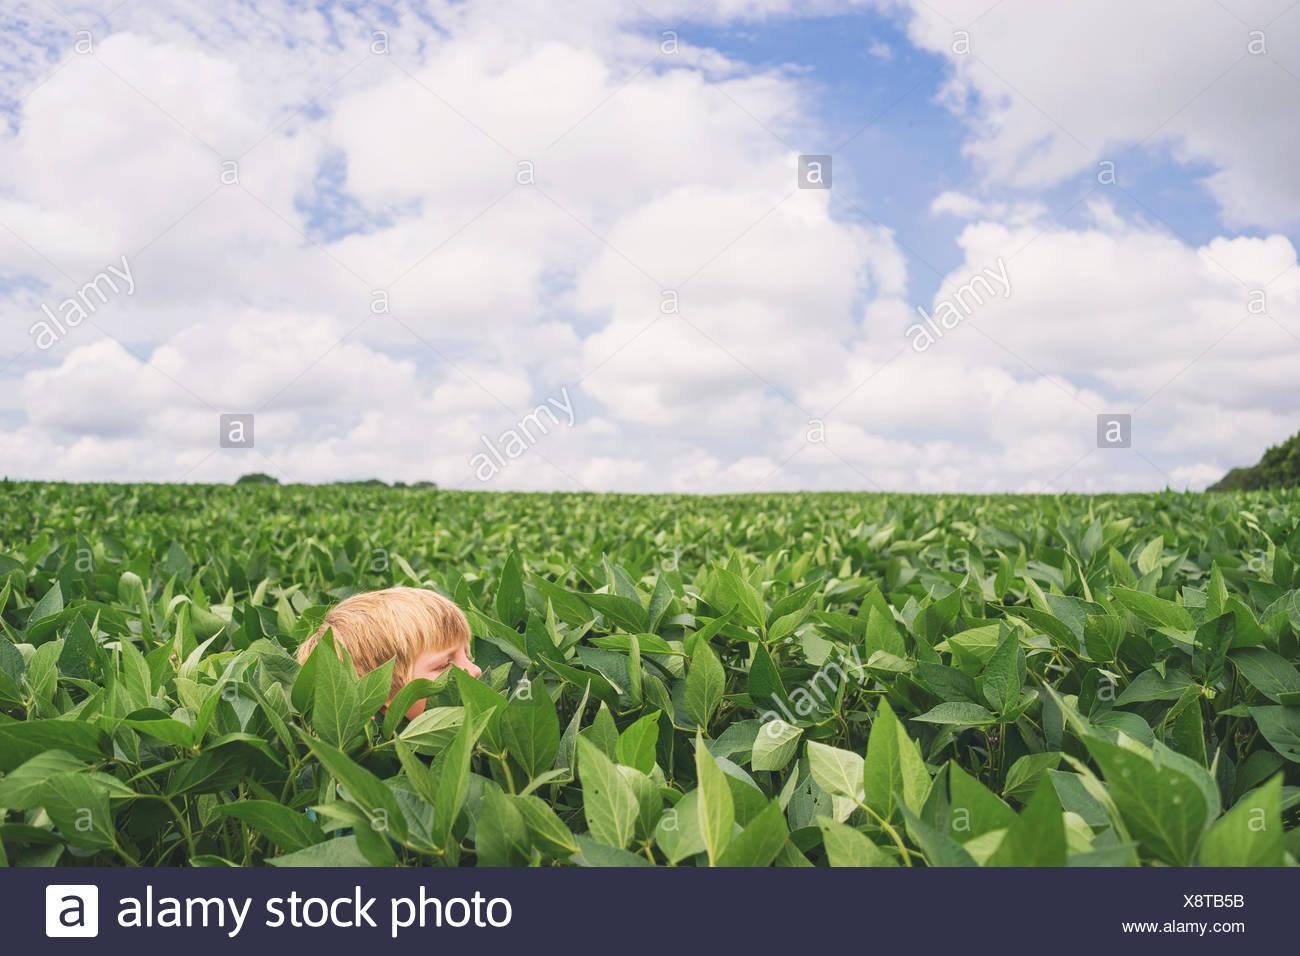 Ragazzo in testa in un campo di mais Immagini Stock